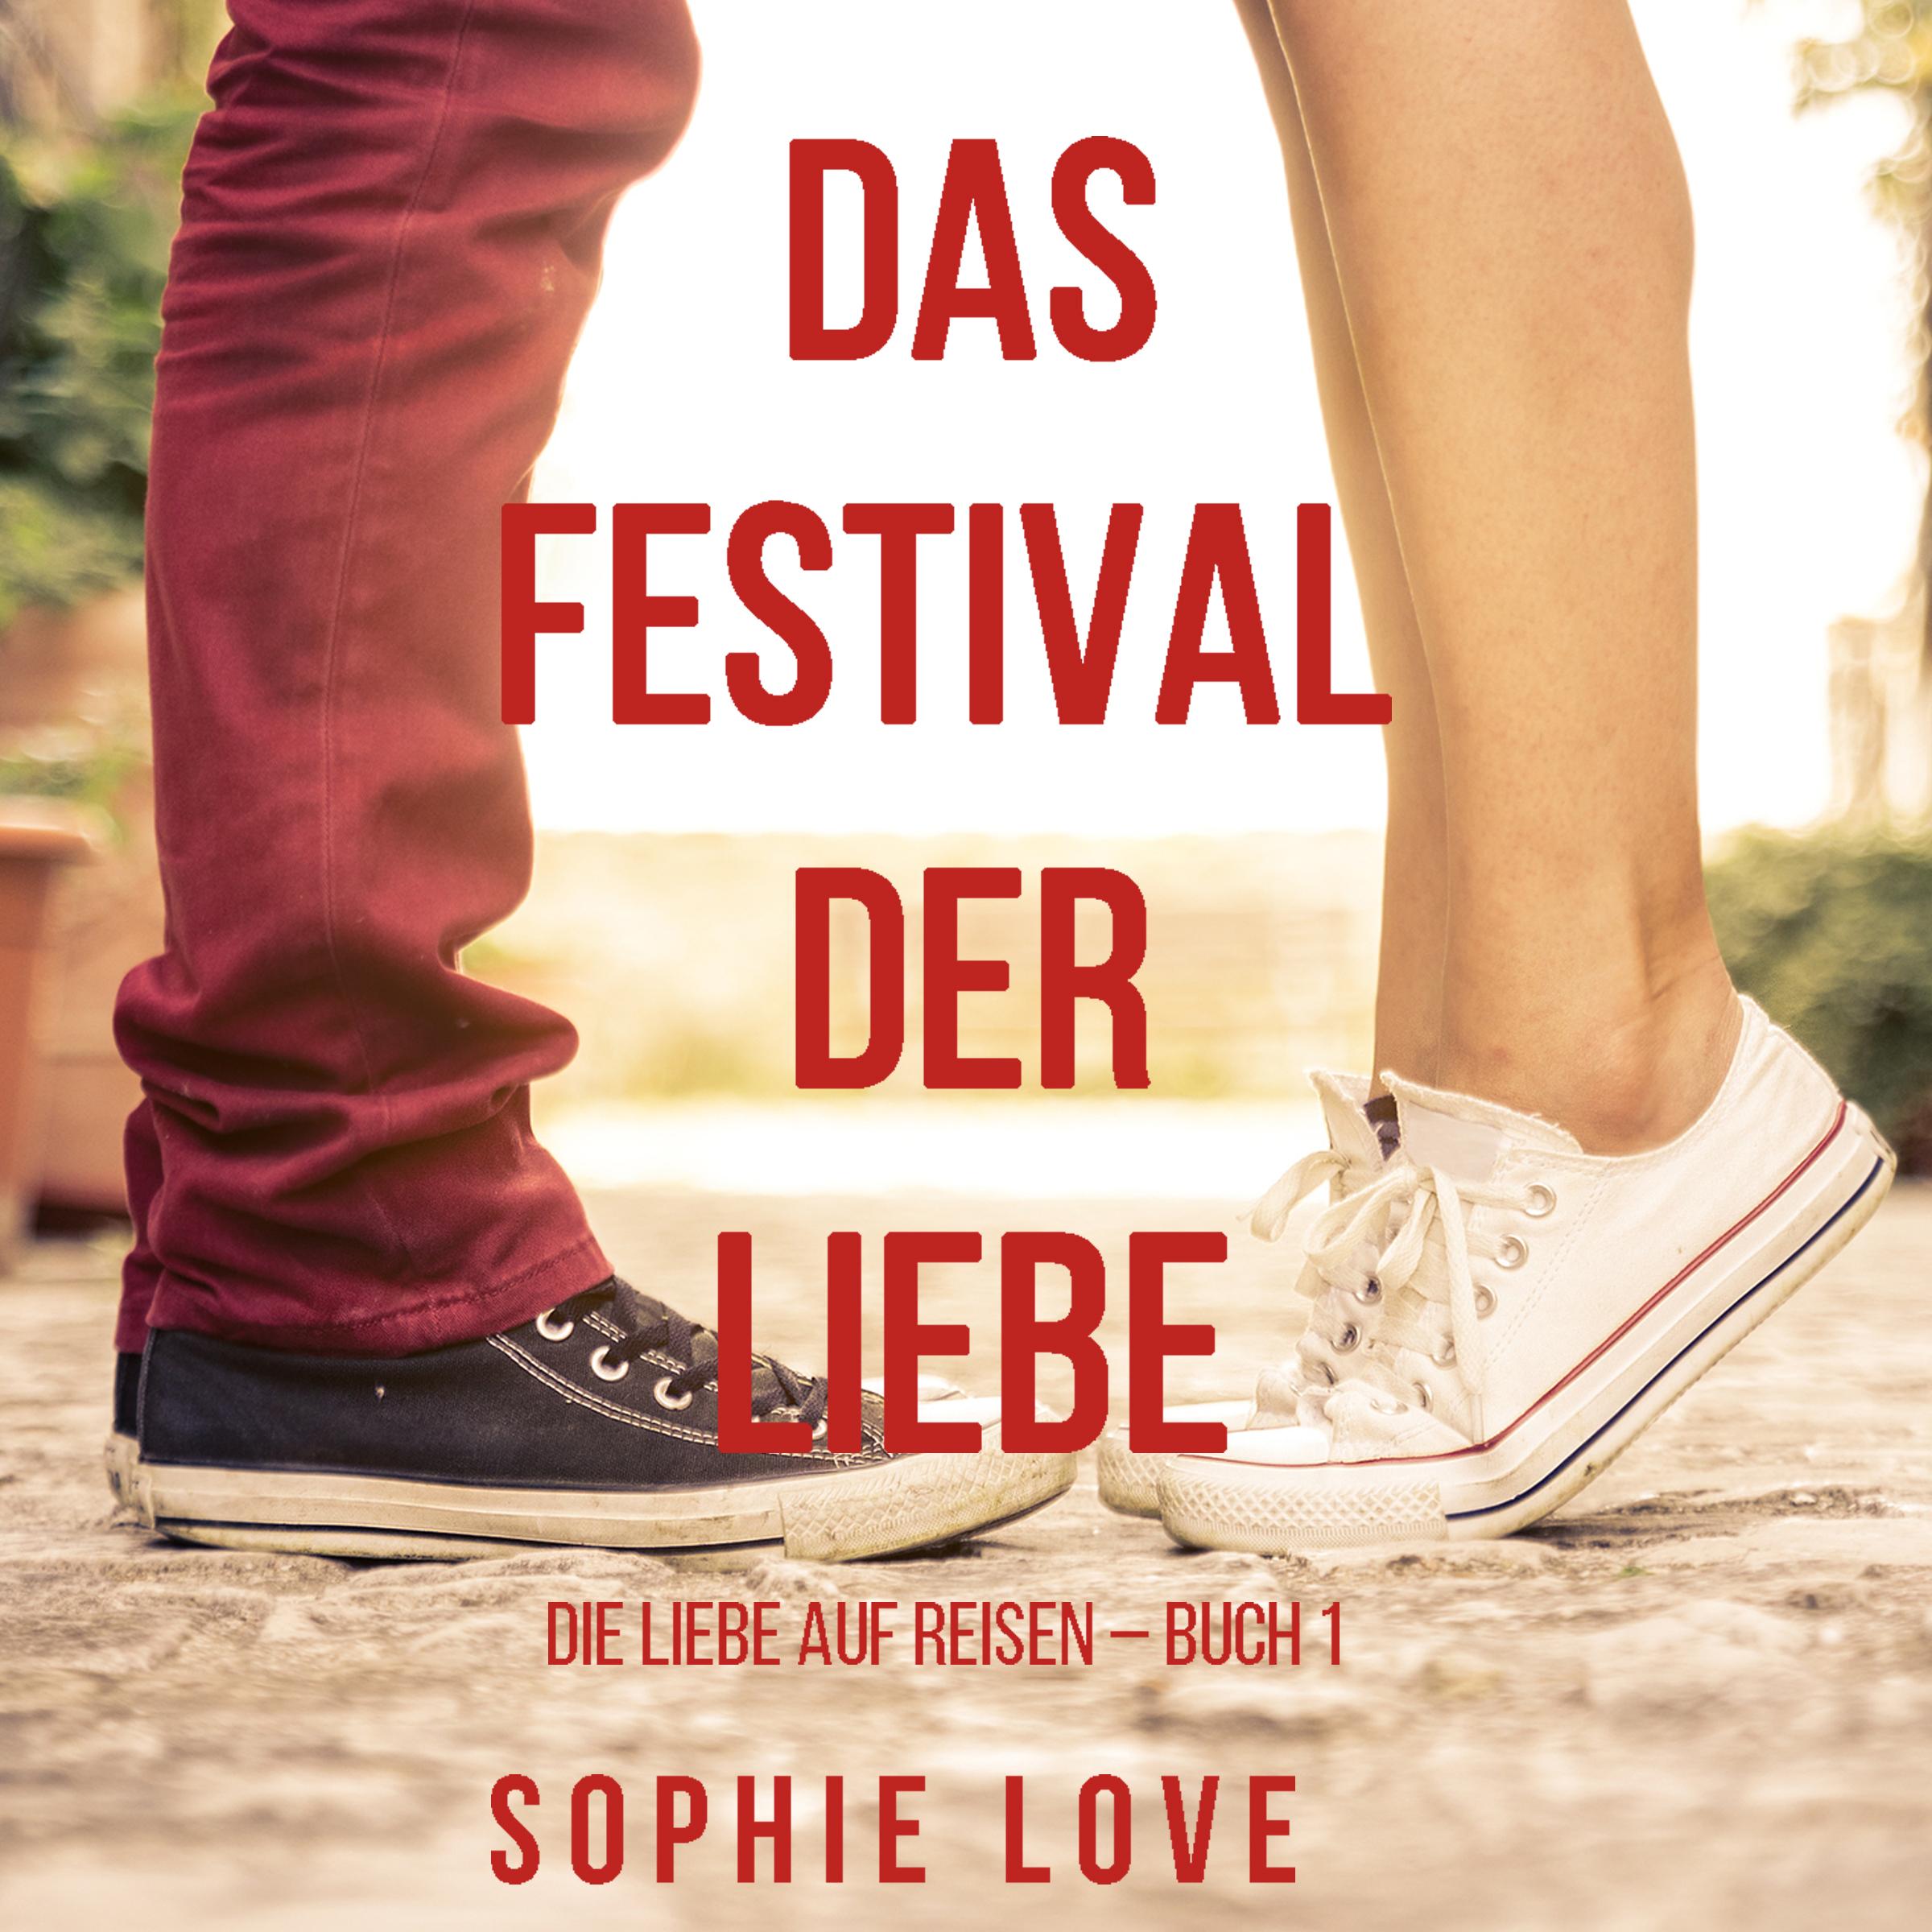 Das Festival der Liebe